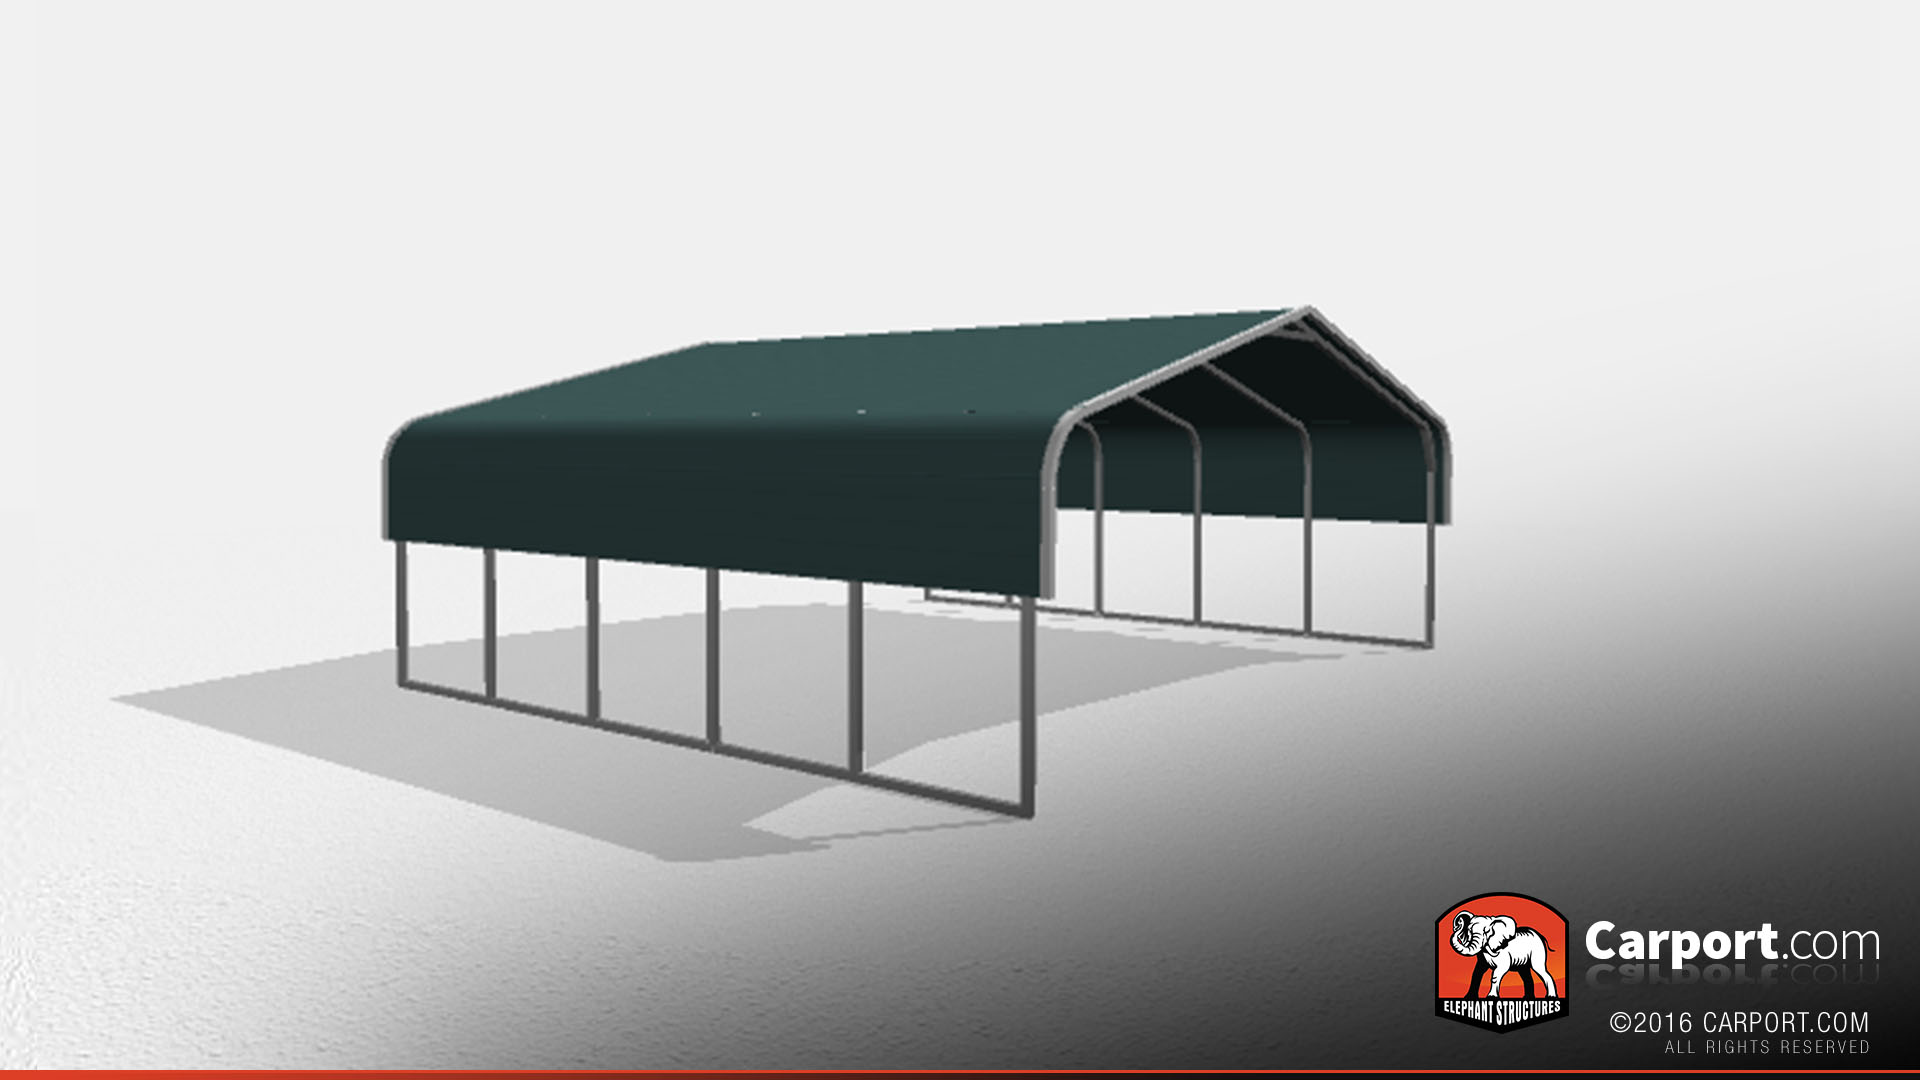 Car Canopy Metal Carport 20 21 : Two car metal carport  shop carports online